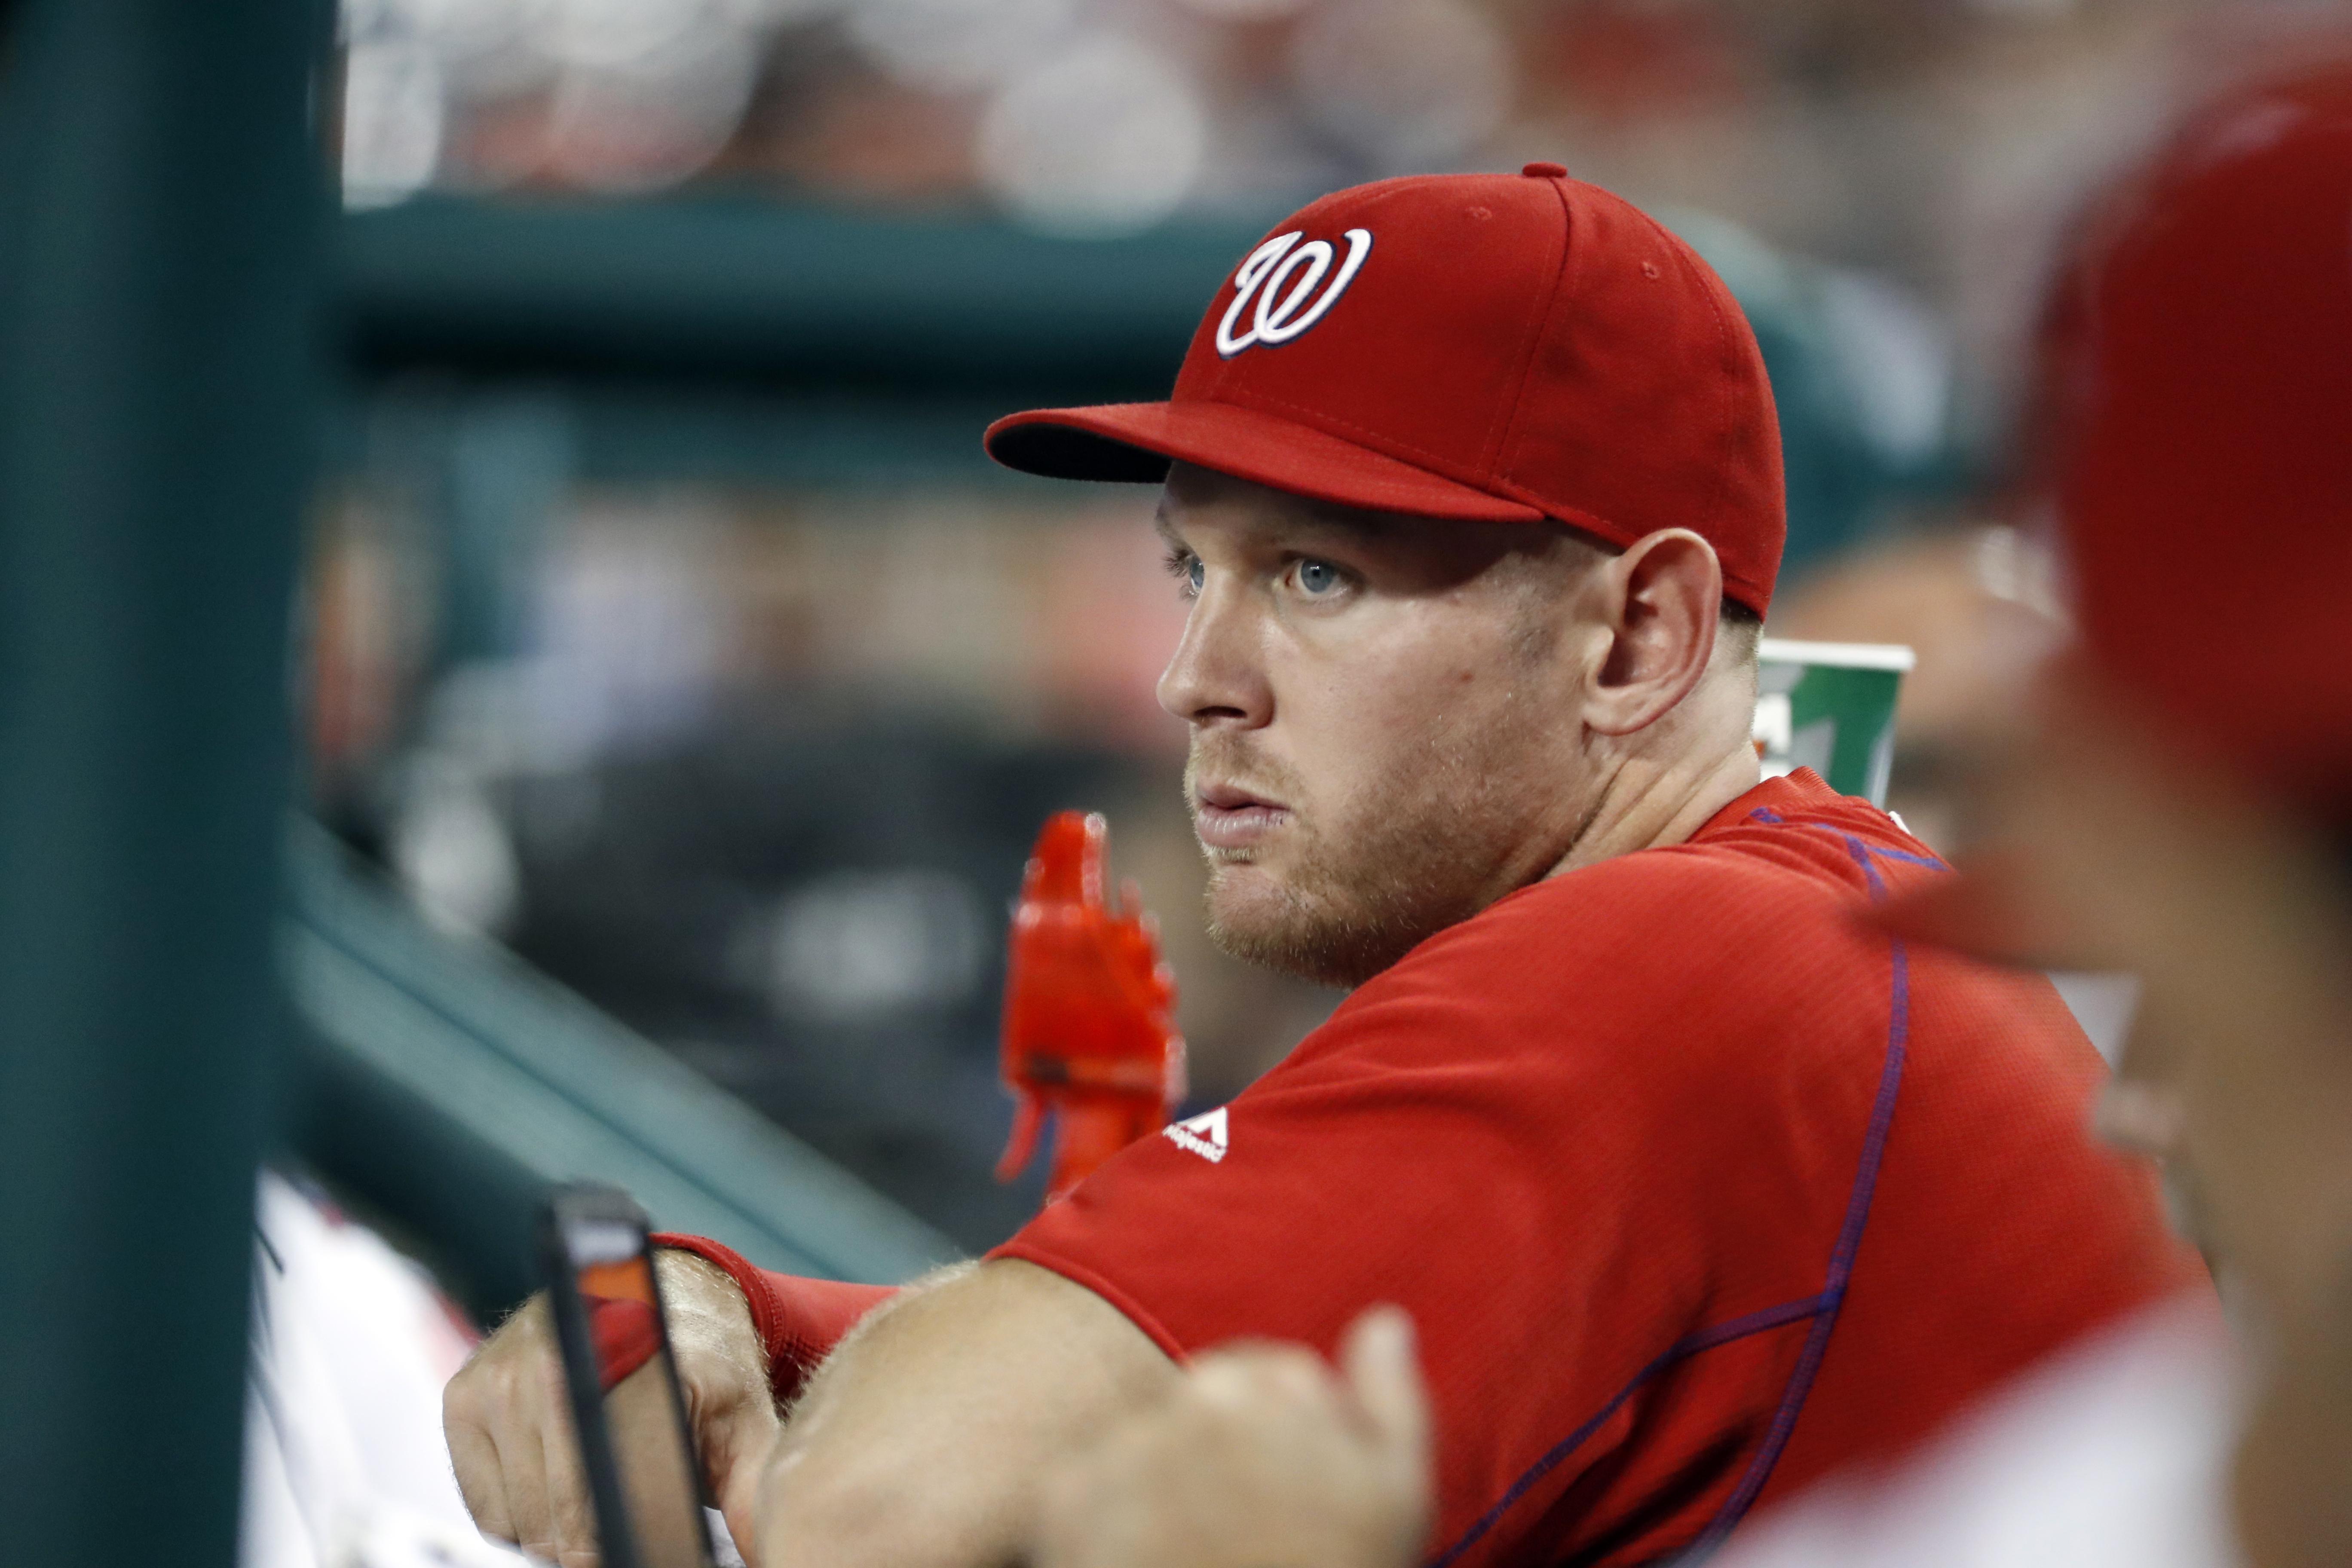 Phillies_nationals_baseball.jpeg-0dc37